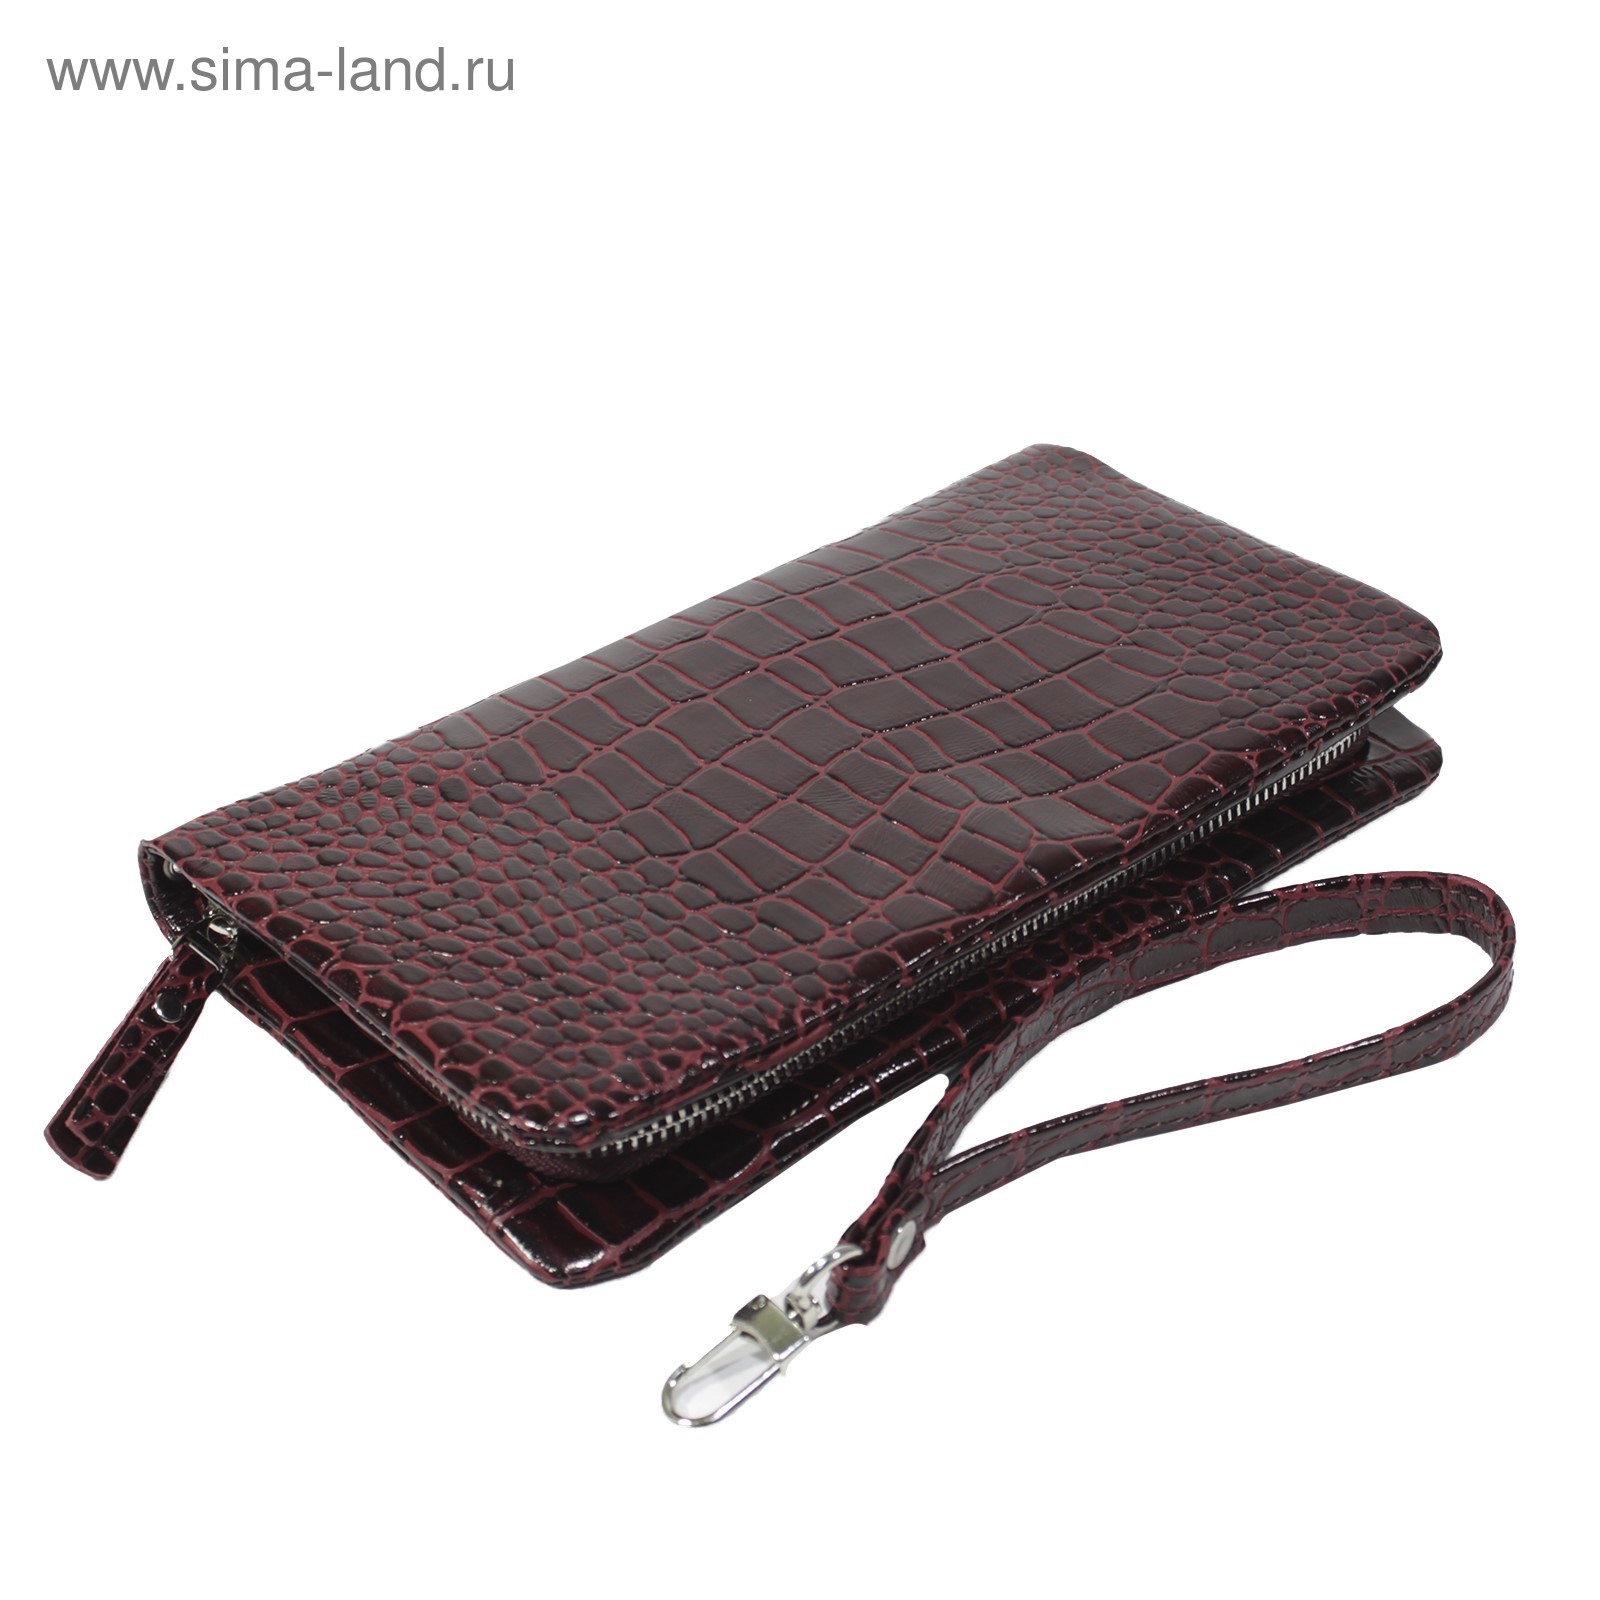 dc394c194486 Клатч женский, на молнии, с ручкой, цвет бордовый (4263557) - Купить ...